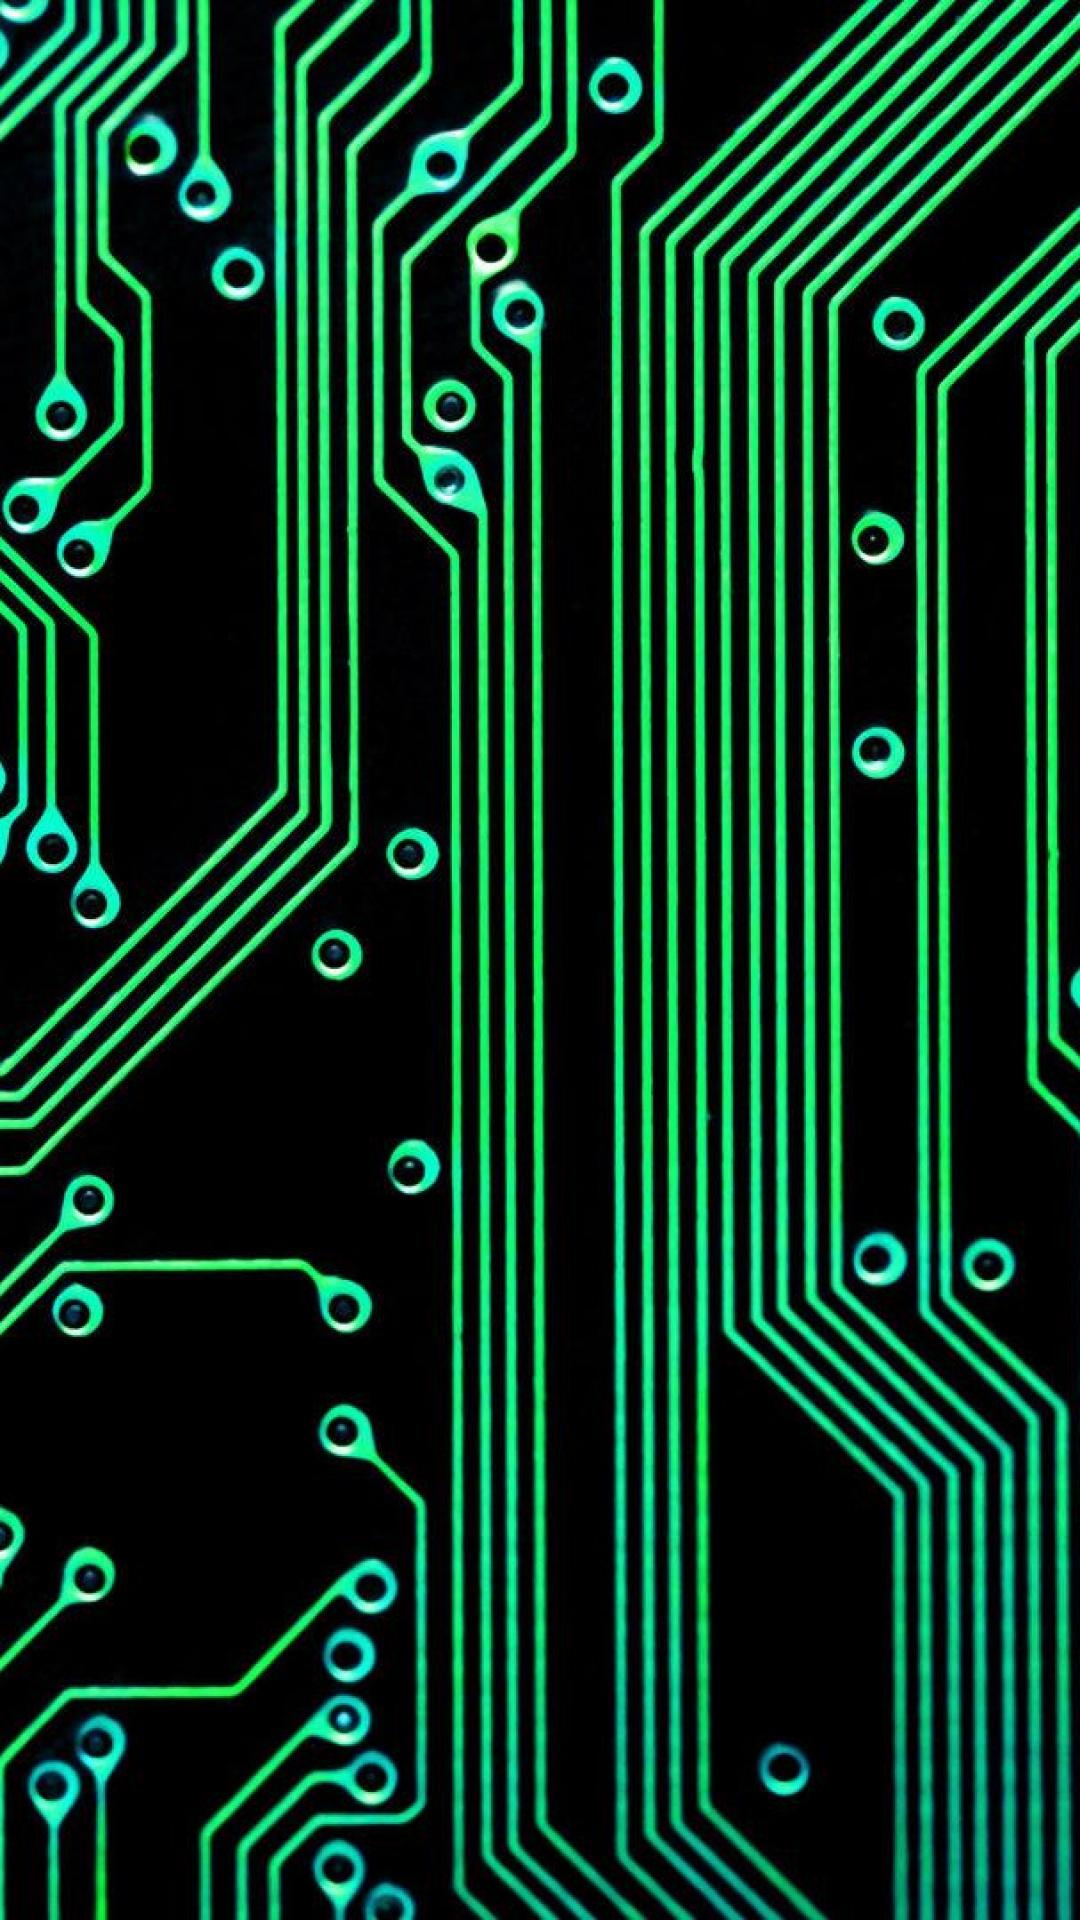 Circuit wallpaper hd wallpapersafari - Circuit board wallpaper android ...